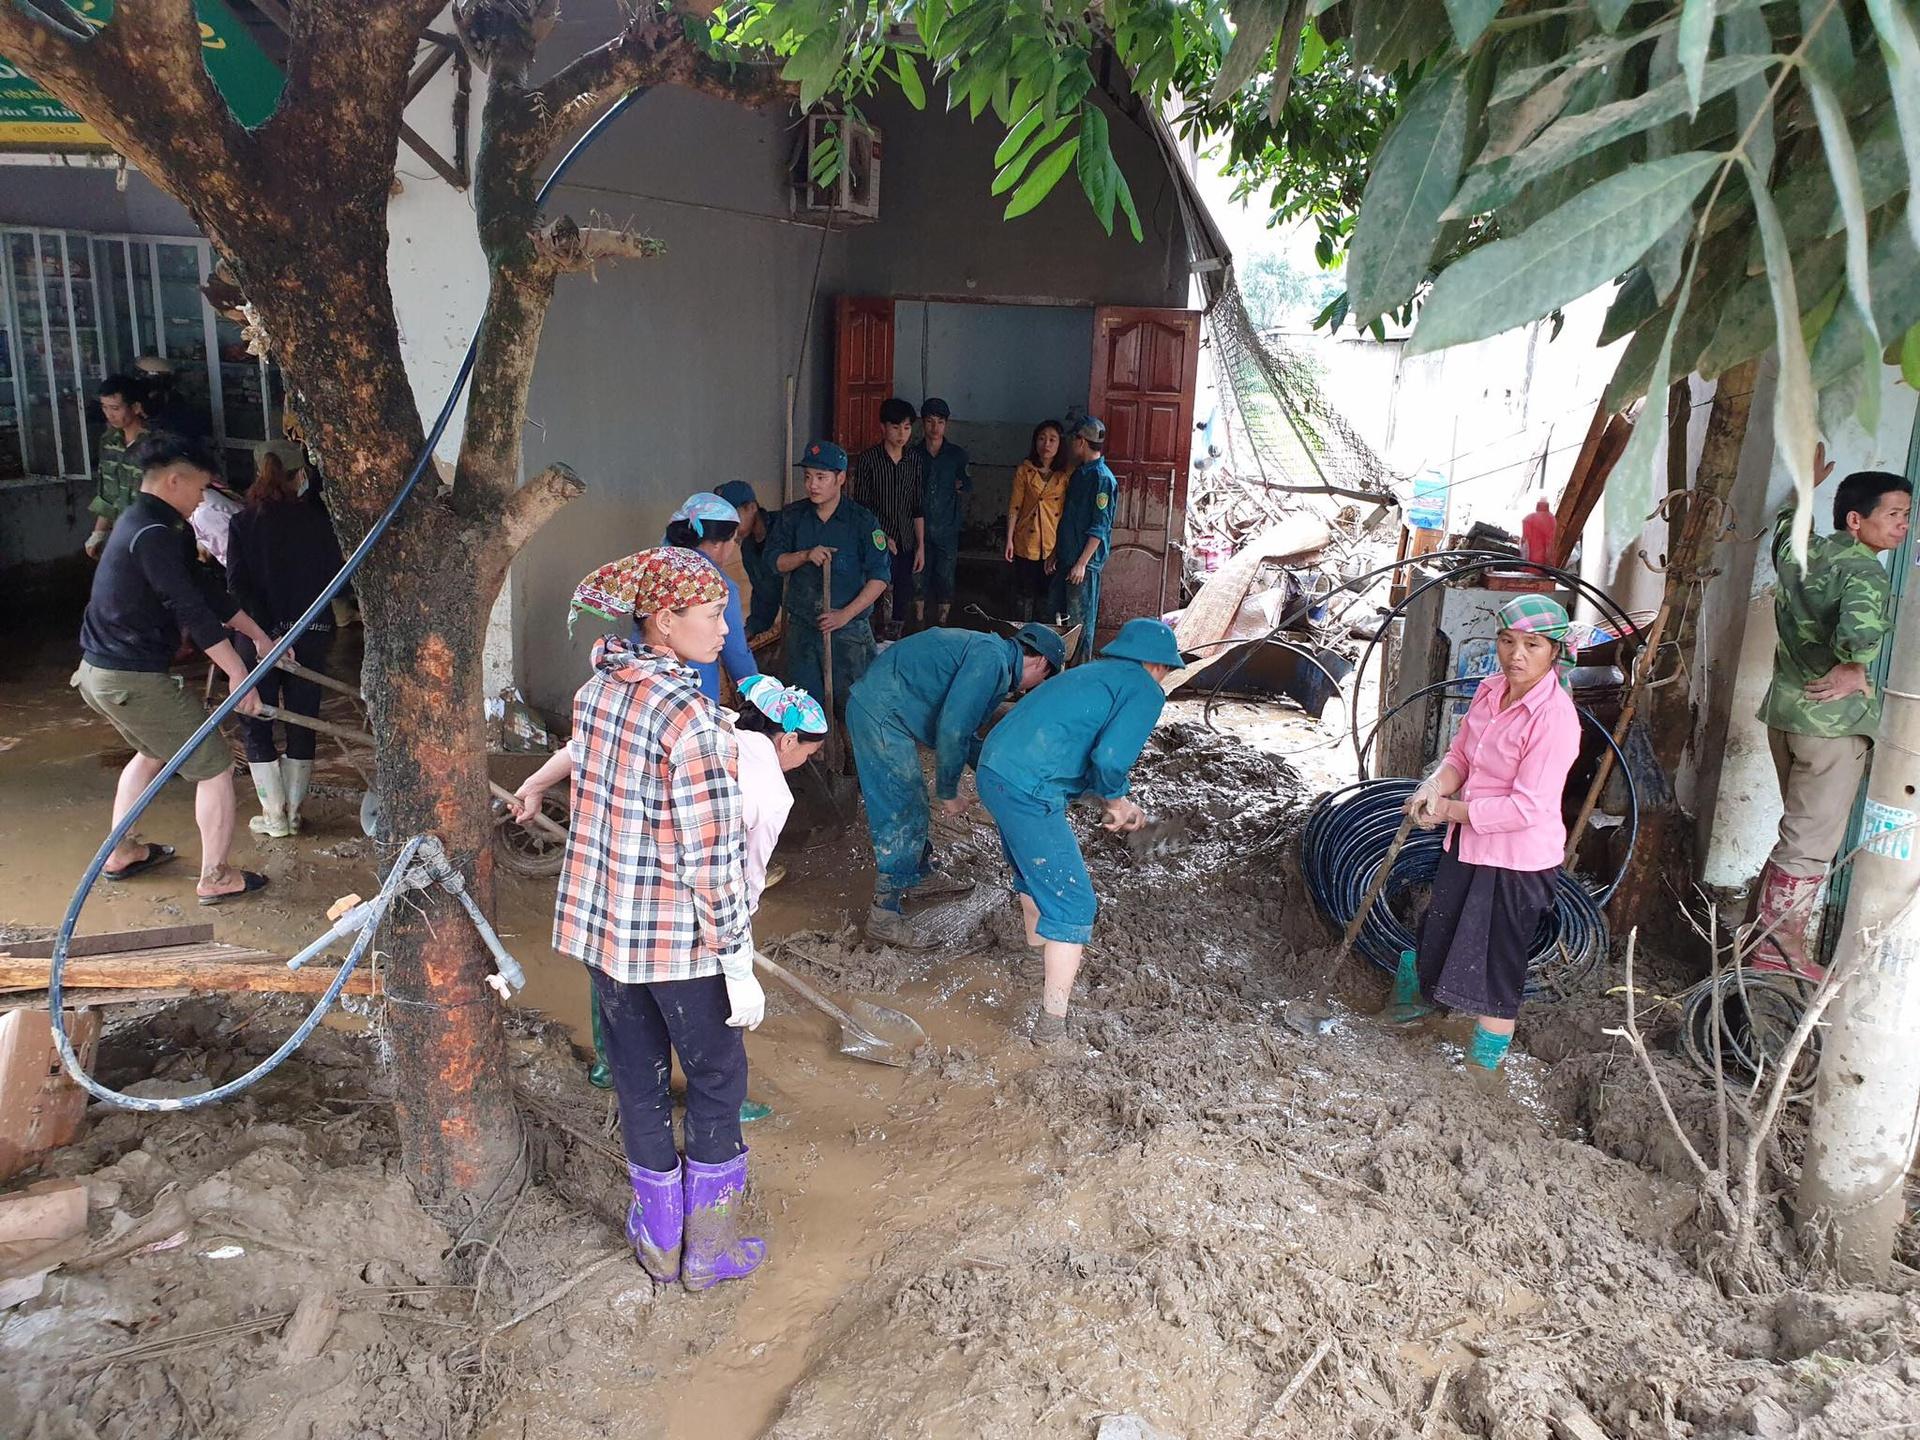 Nguyên nhân xảy ra lũ ống trong đêm khiến 3 người chết ở Lào Cai - Ảnh 3.